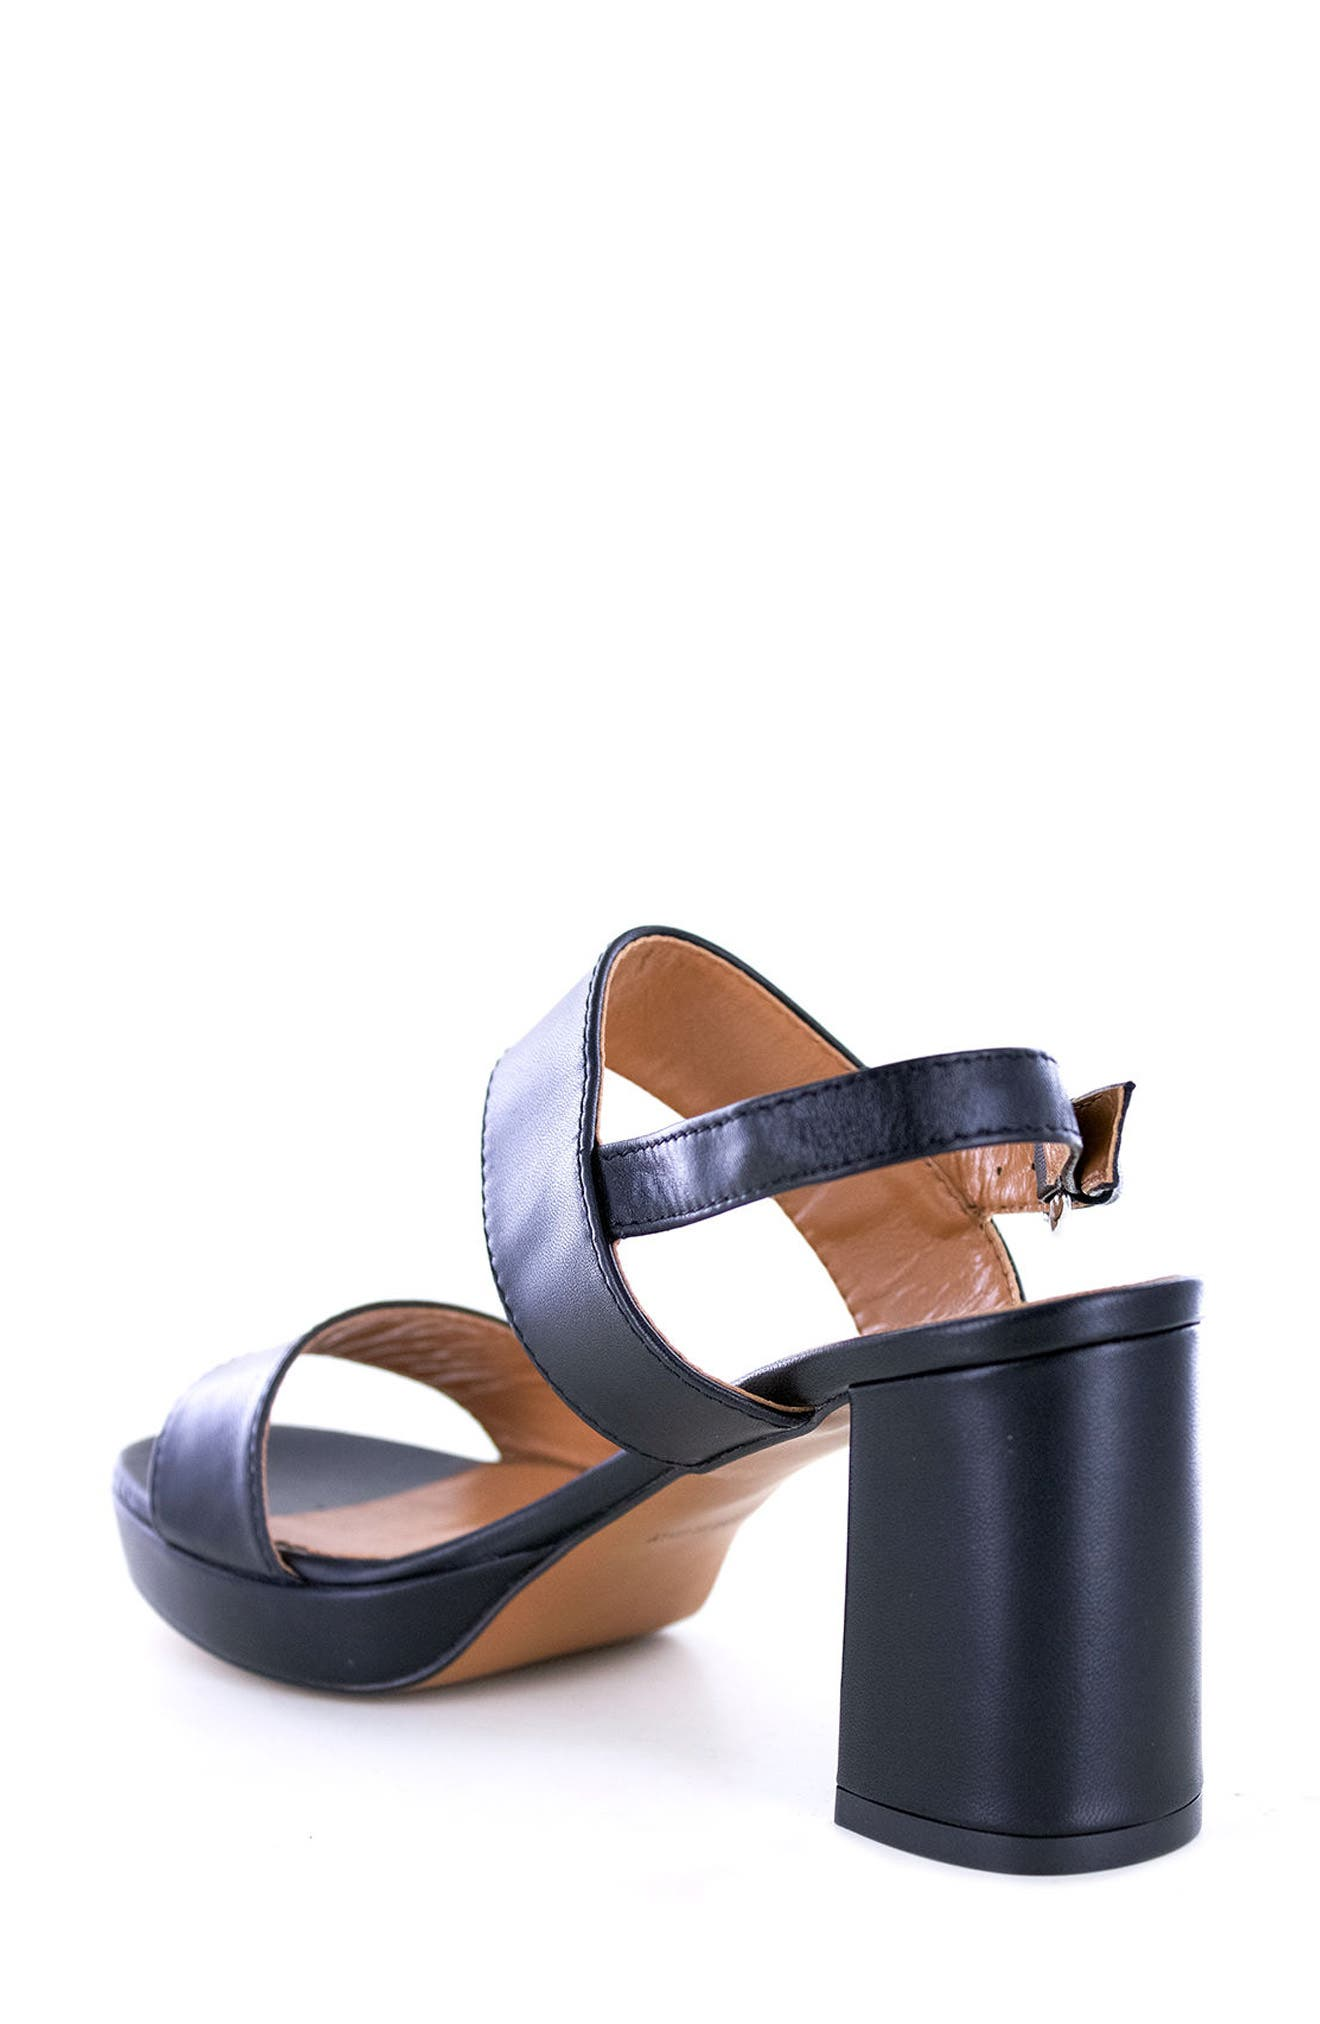 Summit Emilia Block Heel Sandal,                             Alternate thumbnail 4, color,